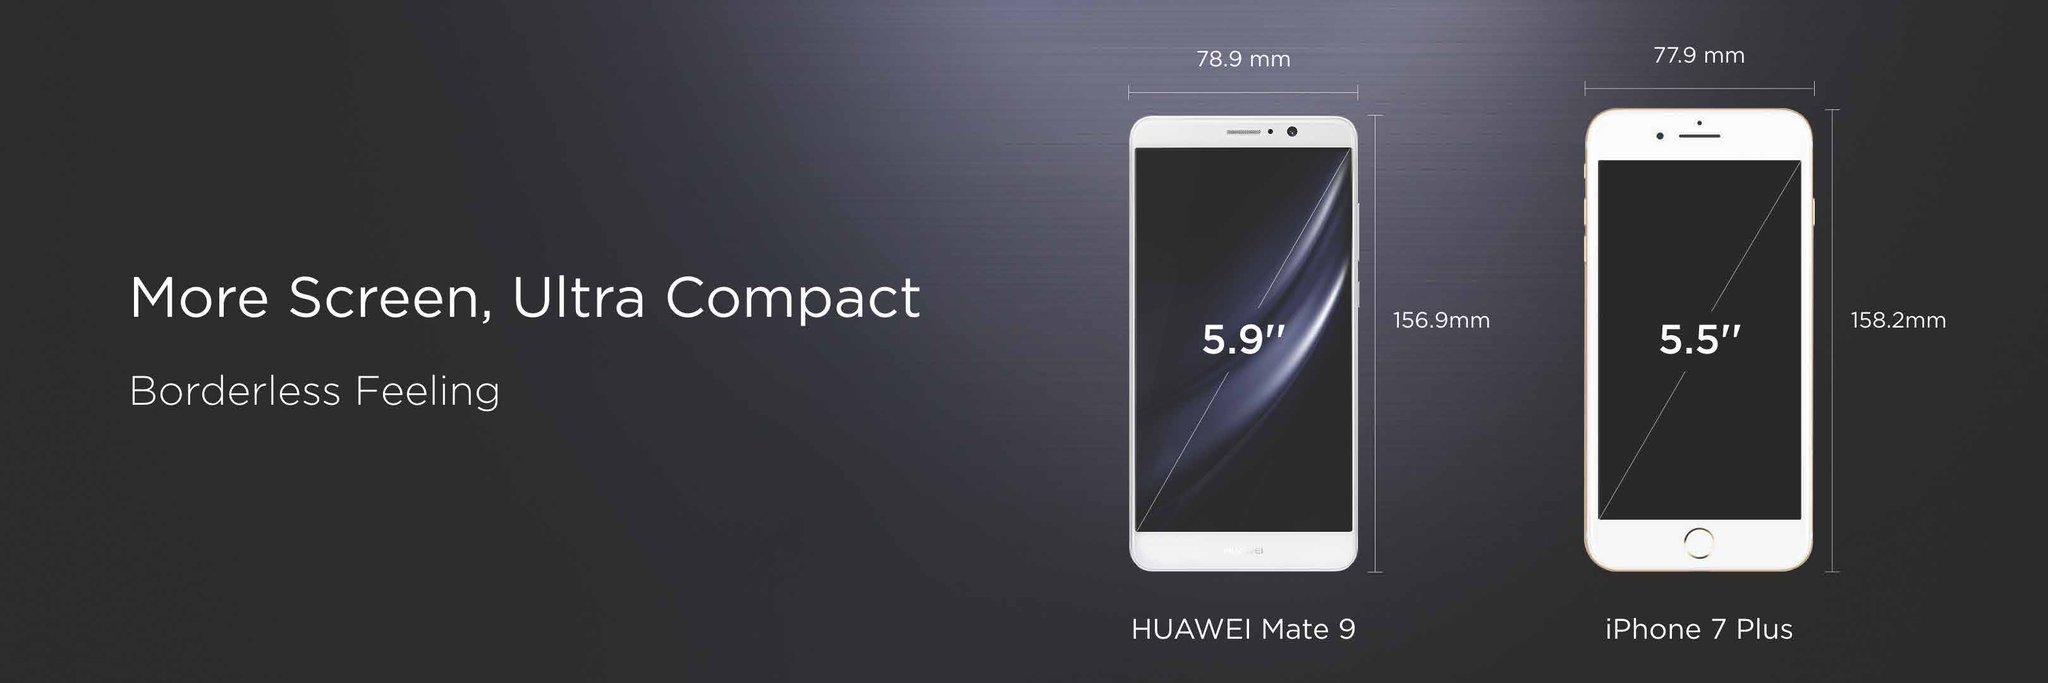 huawei-mate-9-600-05